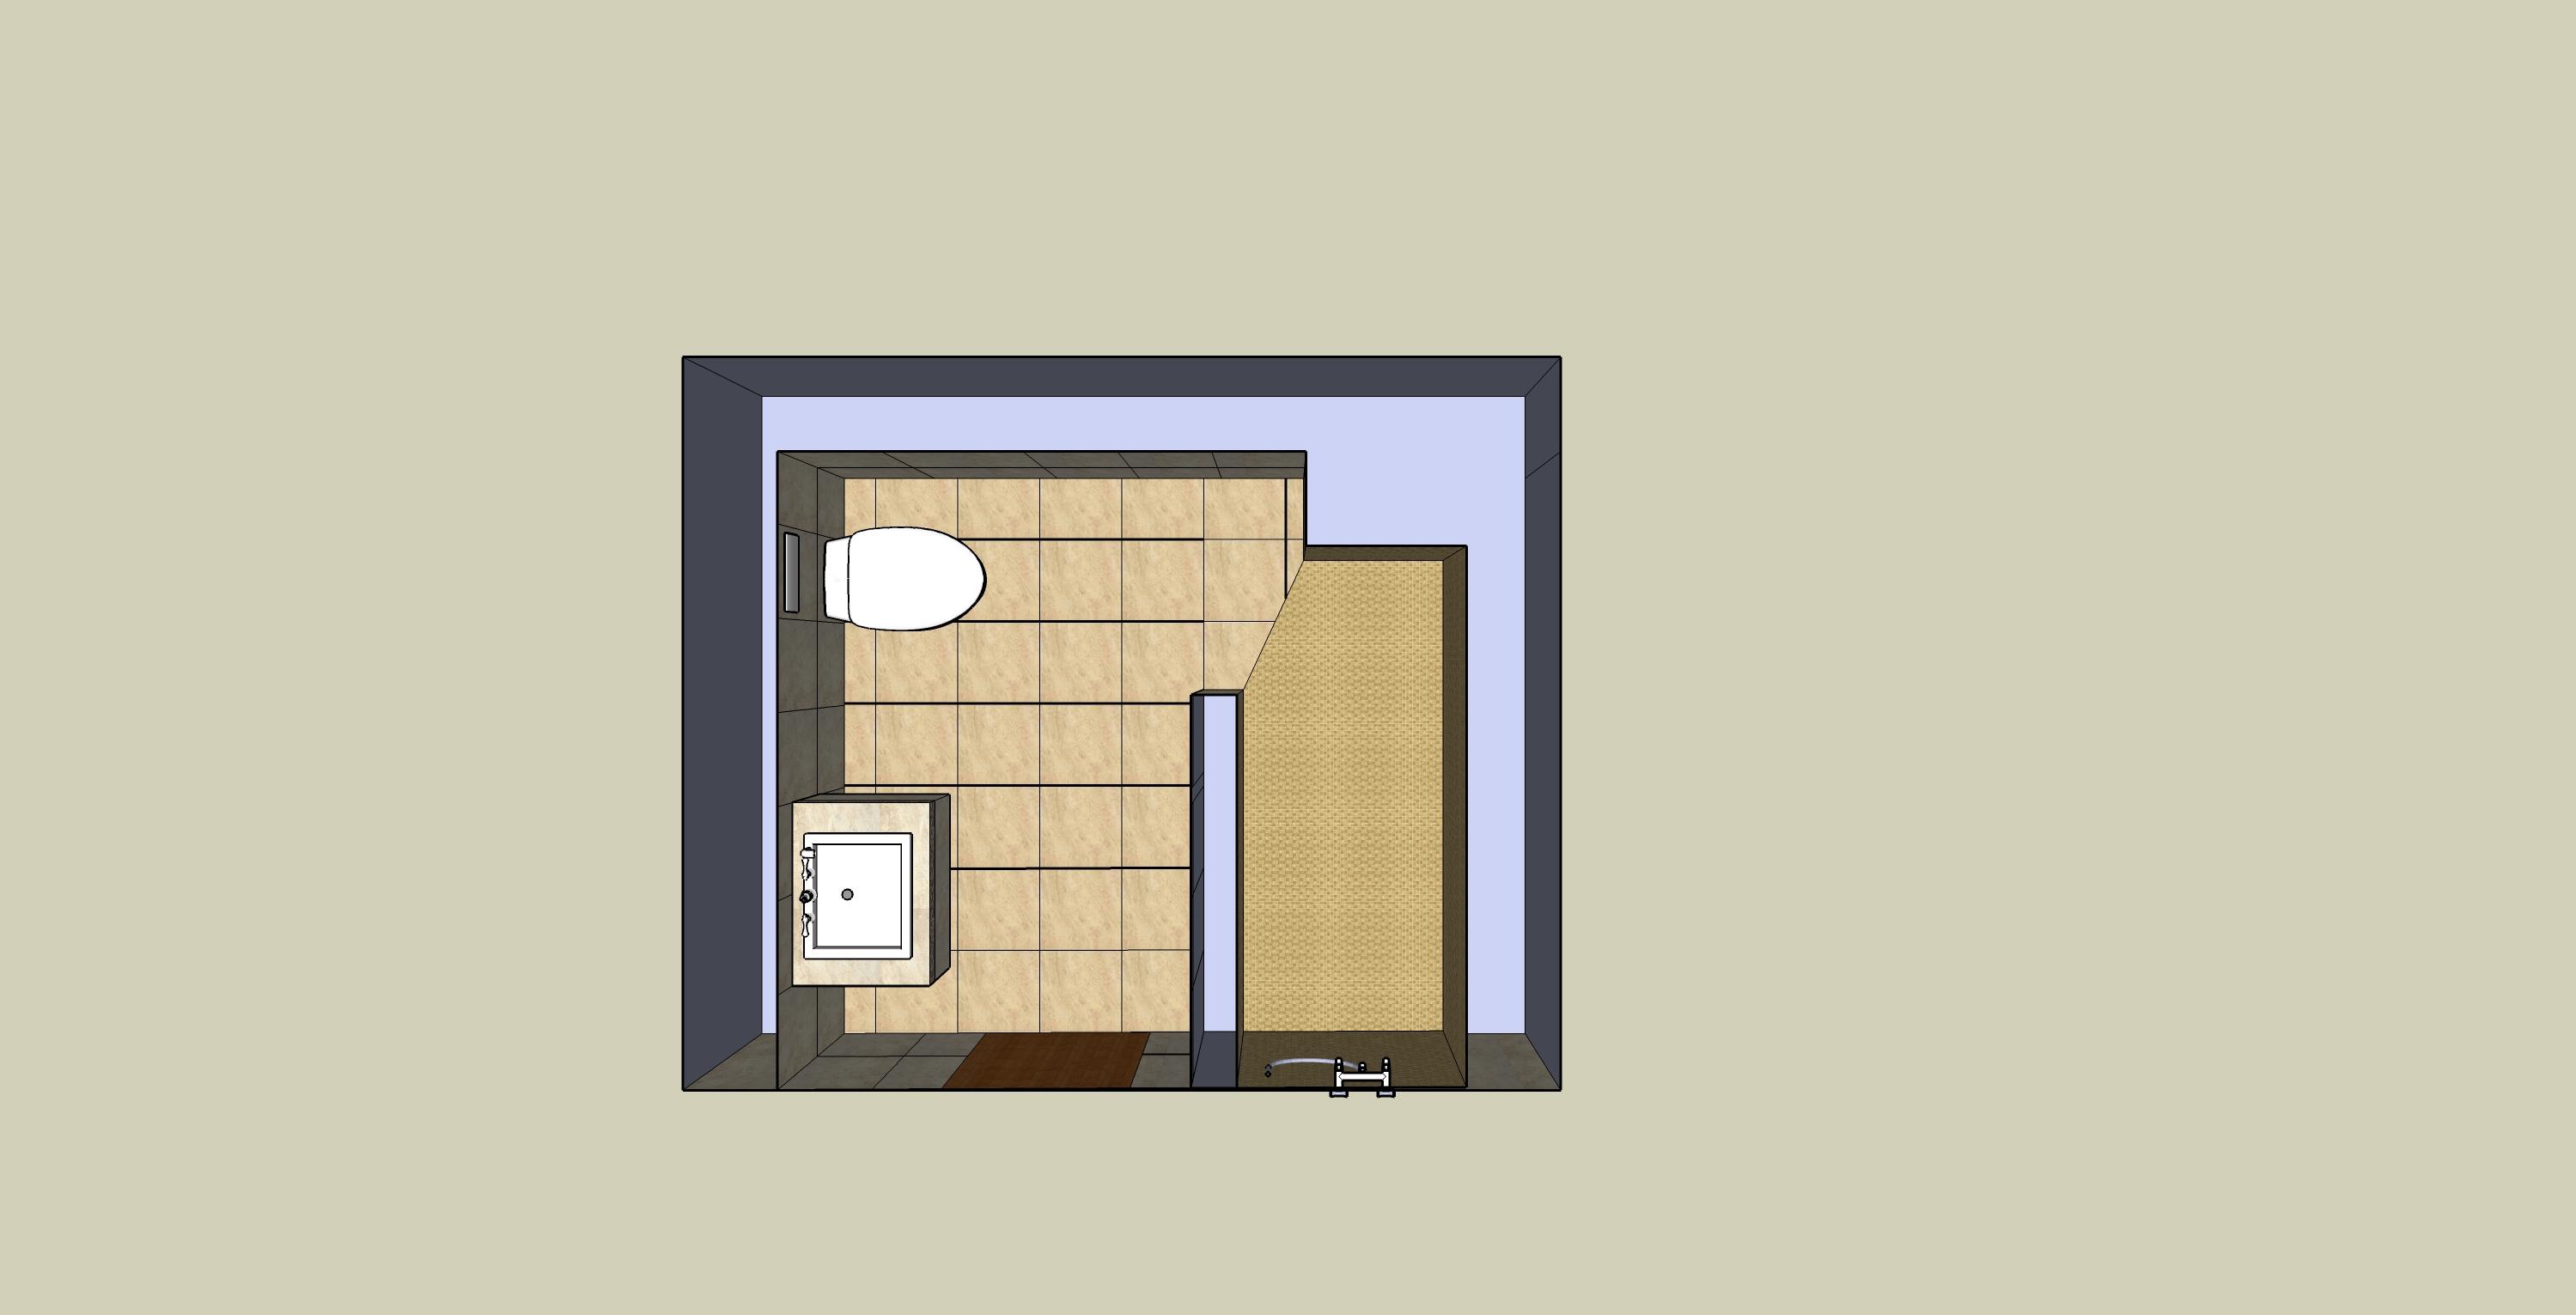 łazienka sketchUp-przekrój1